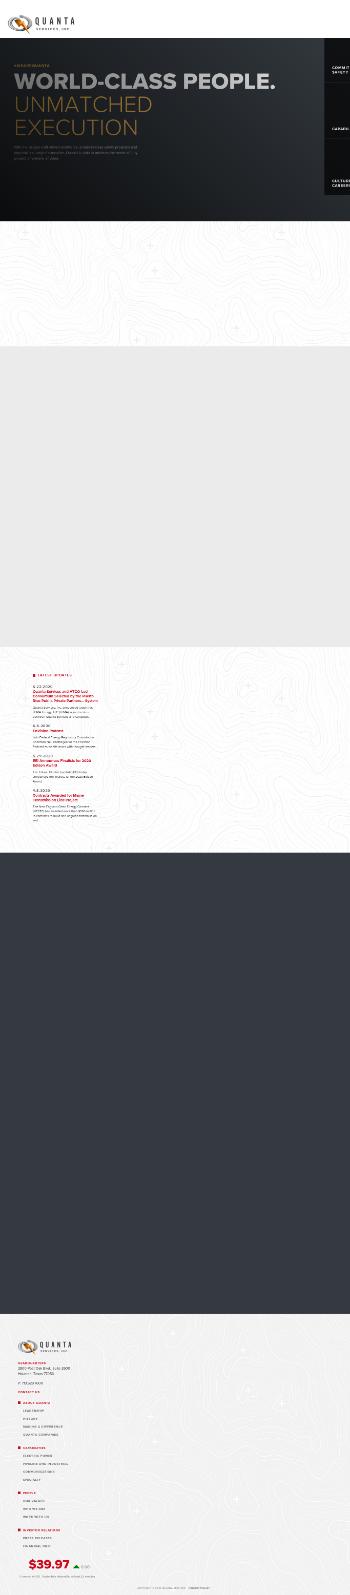 Quanta Services, Inc. Website Screenshot